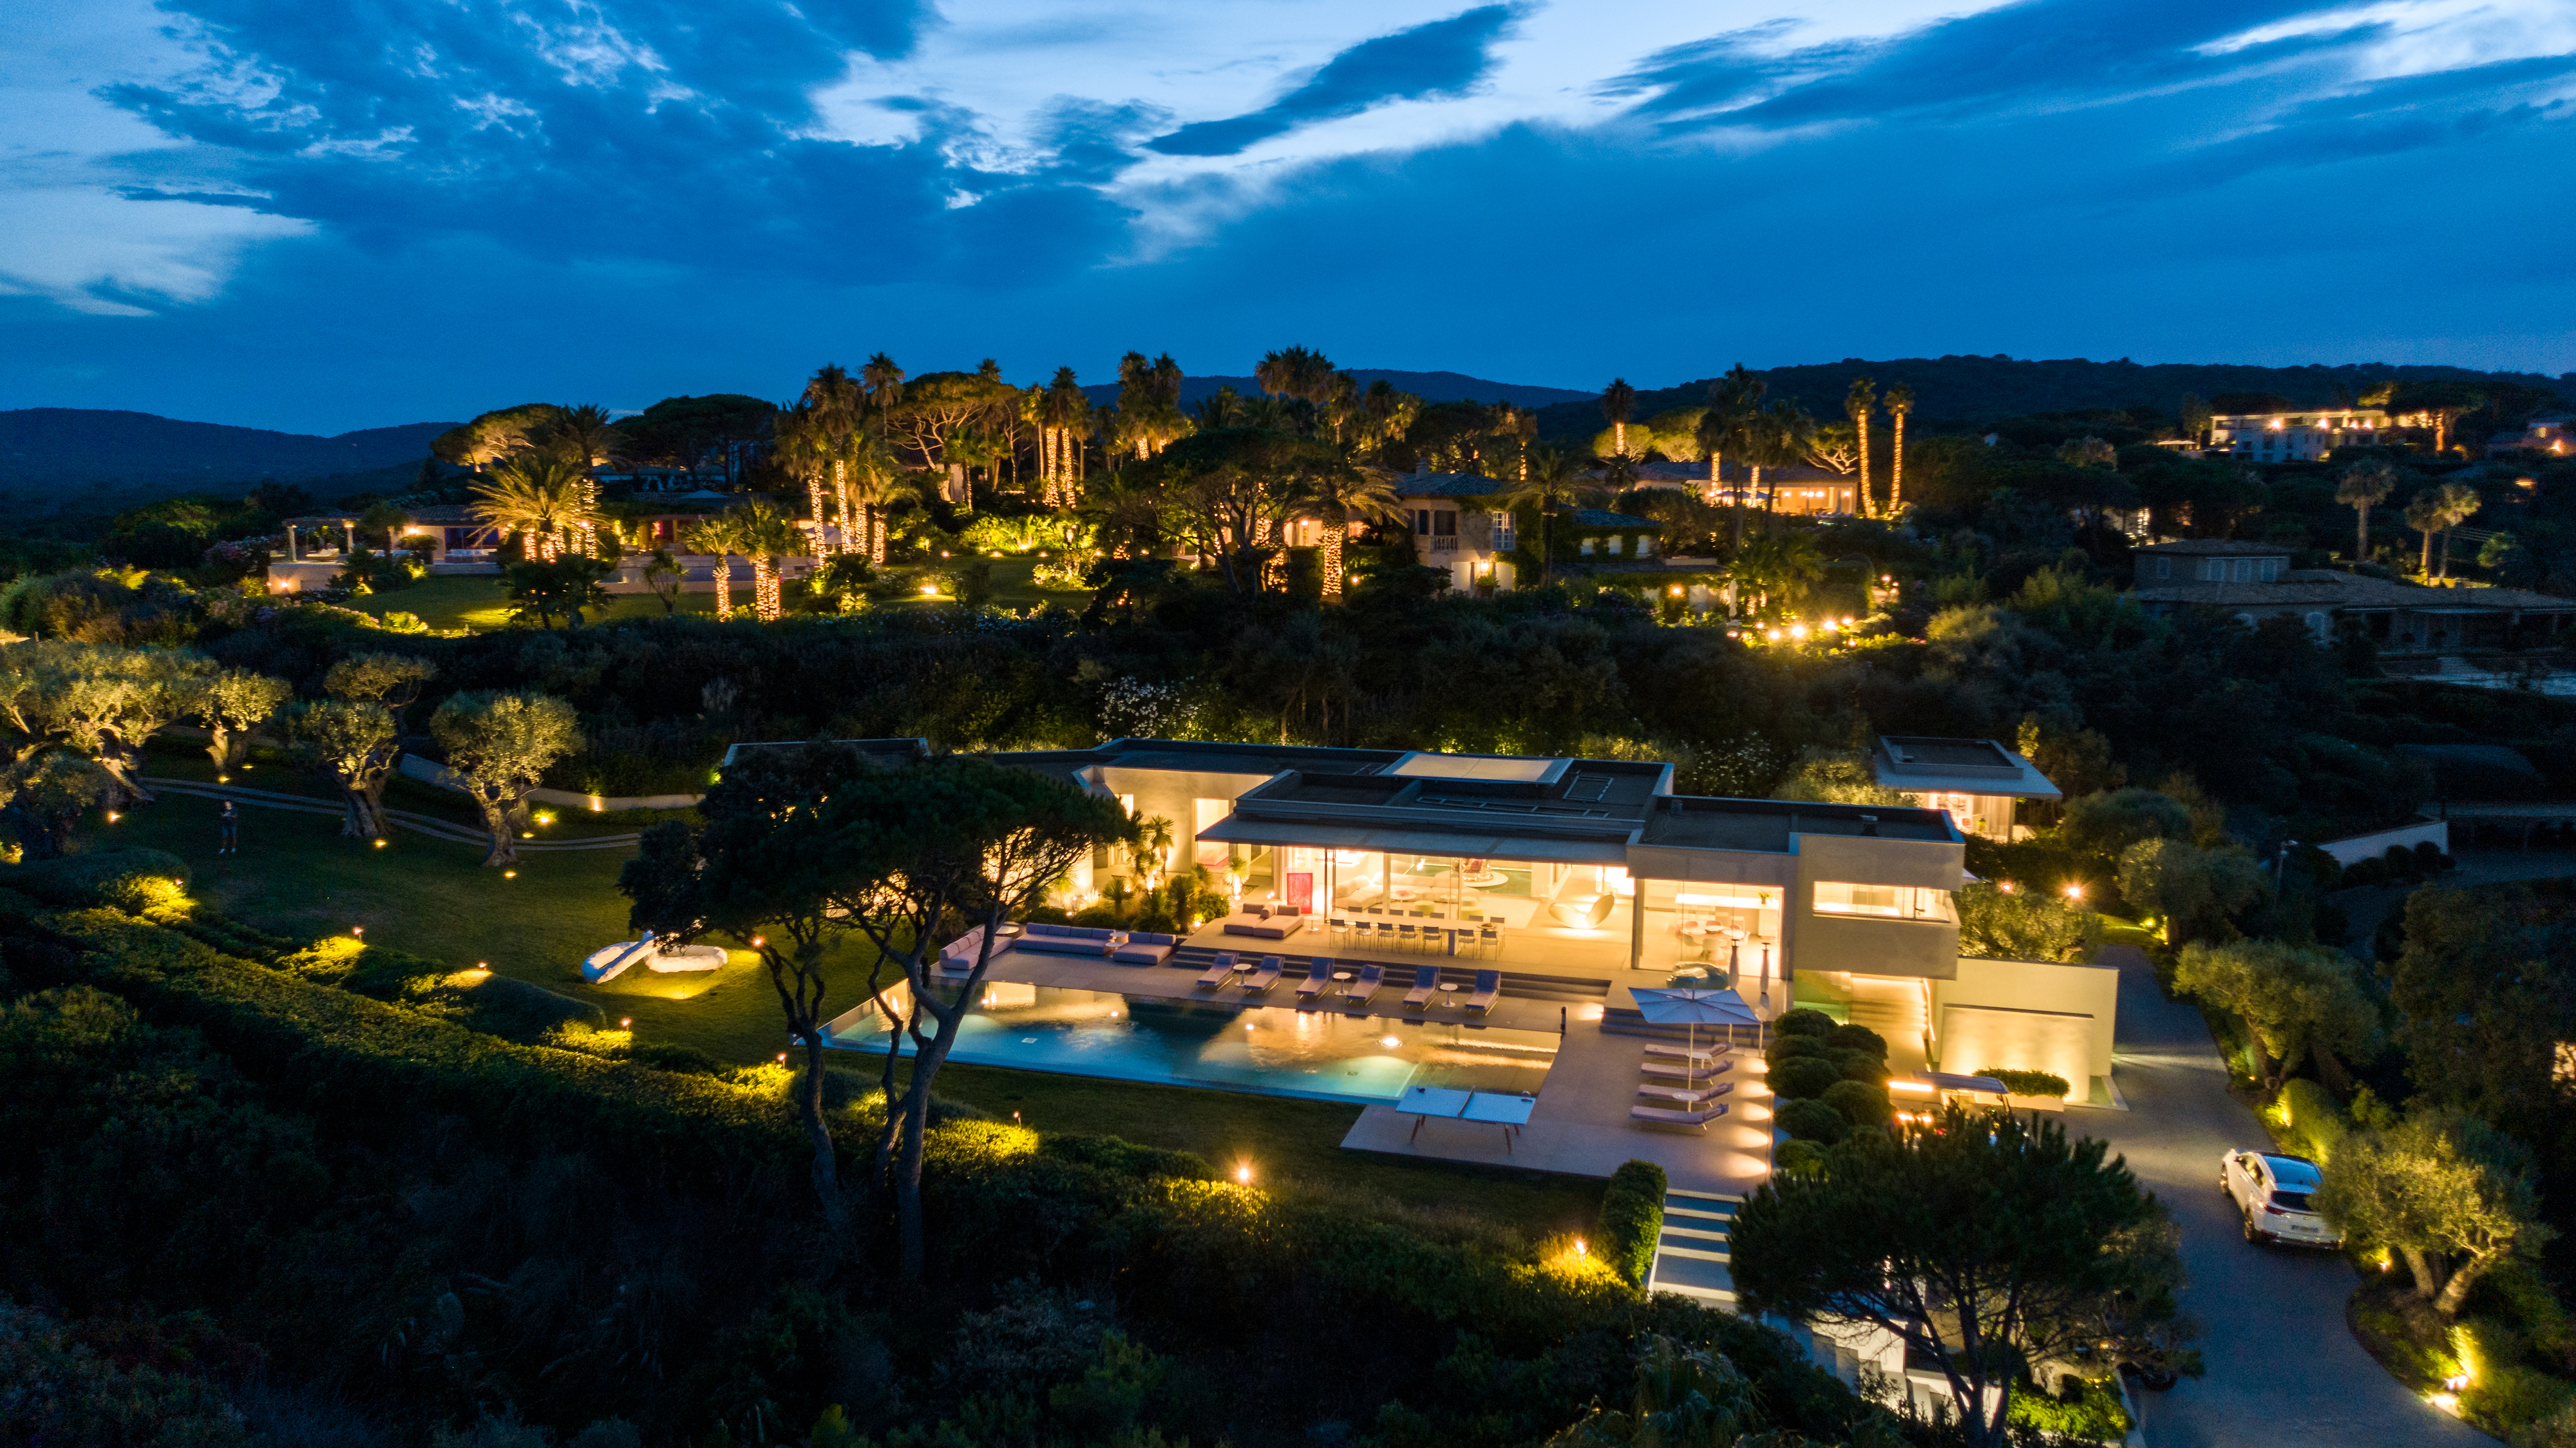 Villa Ama